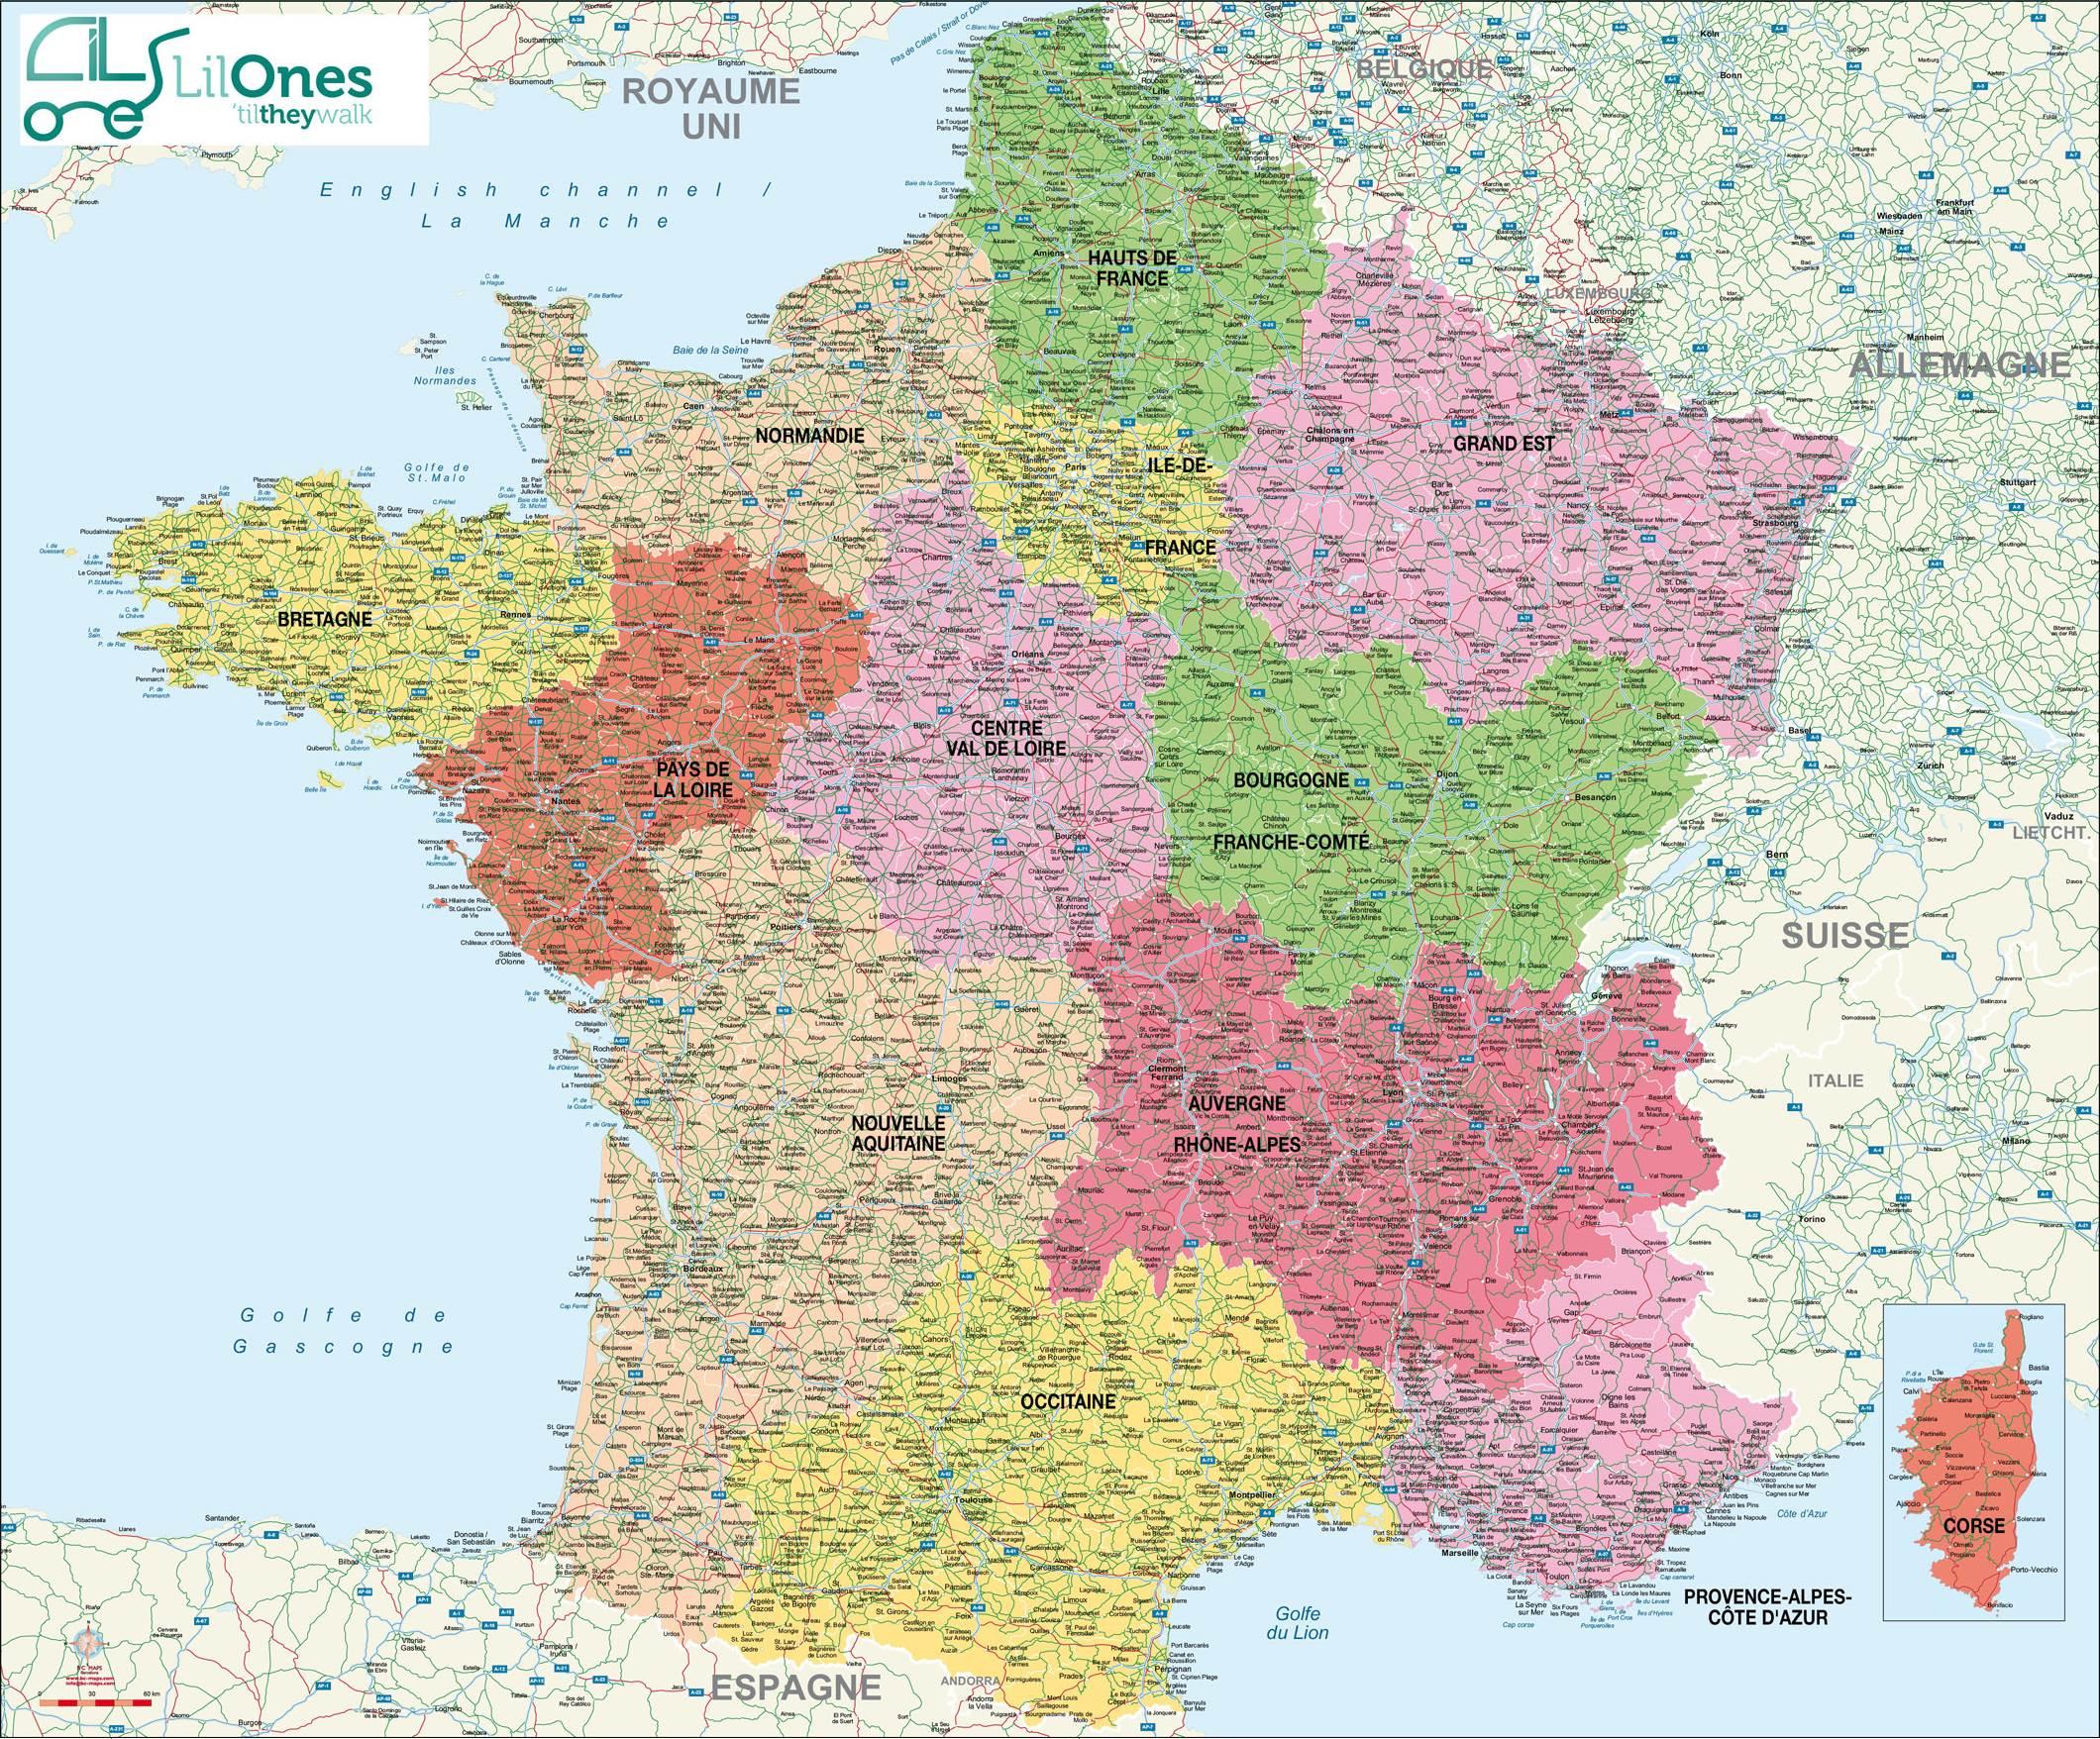 Carte France Villes : Carte Des Villes De France avec Petite Carte De France A Imprimer